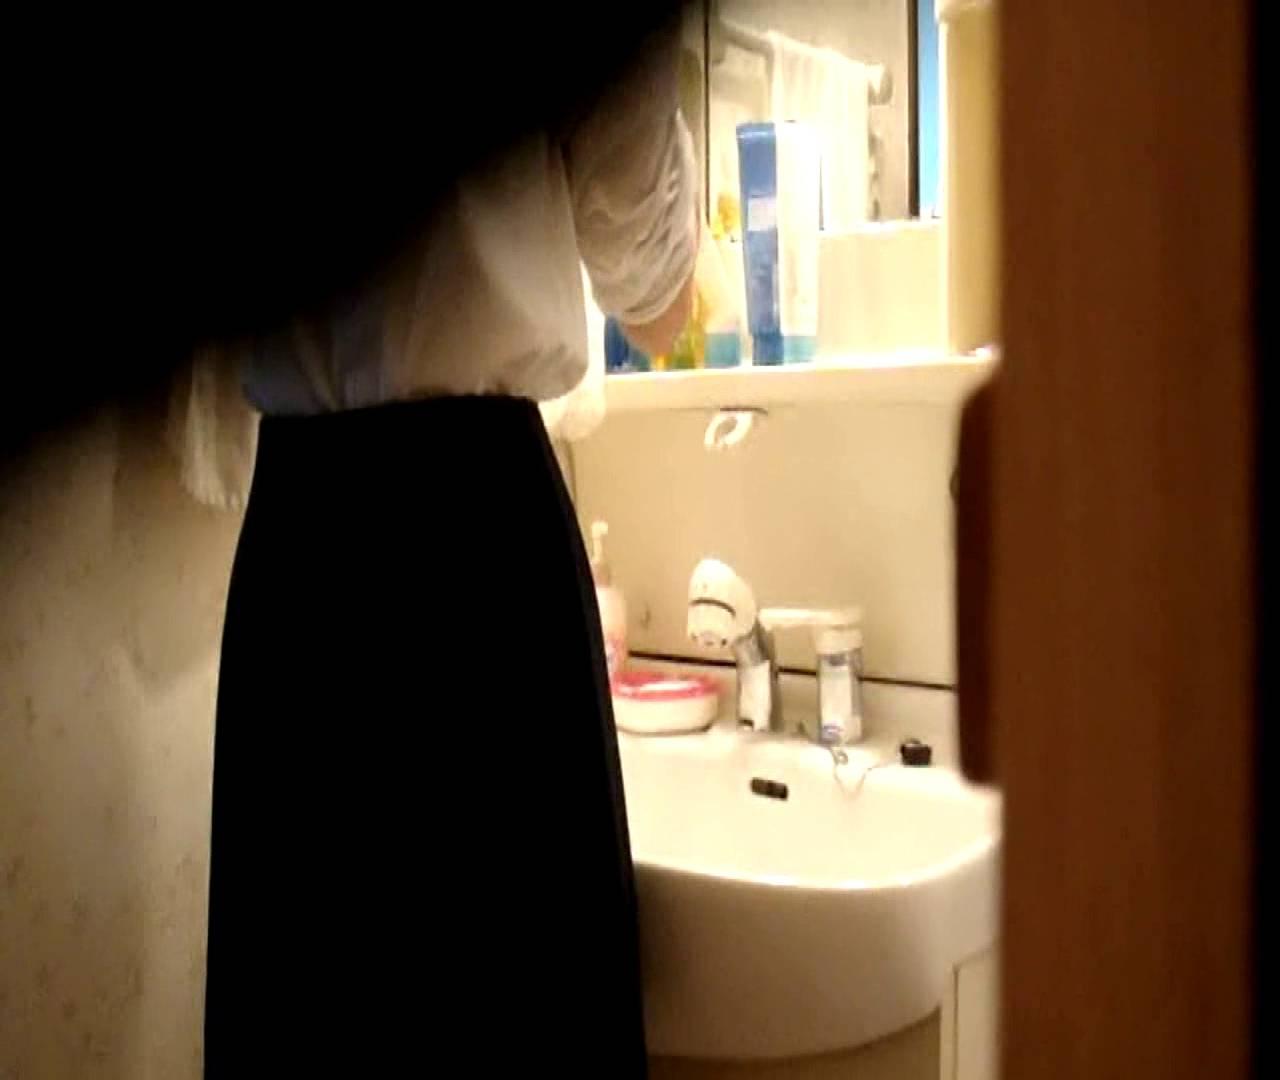 二人とも育てた甲斐がありました… vol.05 まどかが洗顔後にブラを洗濯 美しいOLの裸体 | 0  102pic 59